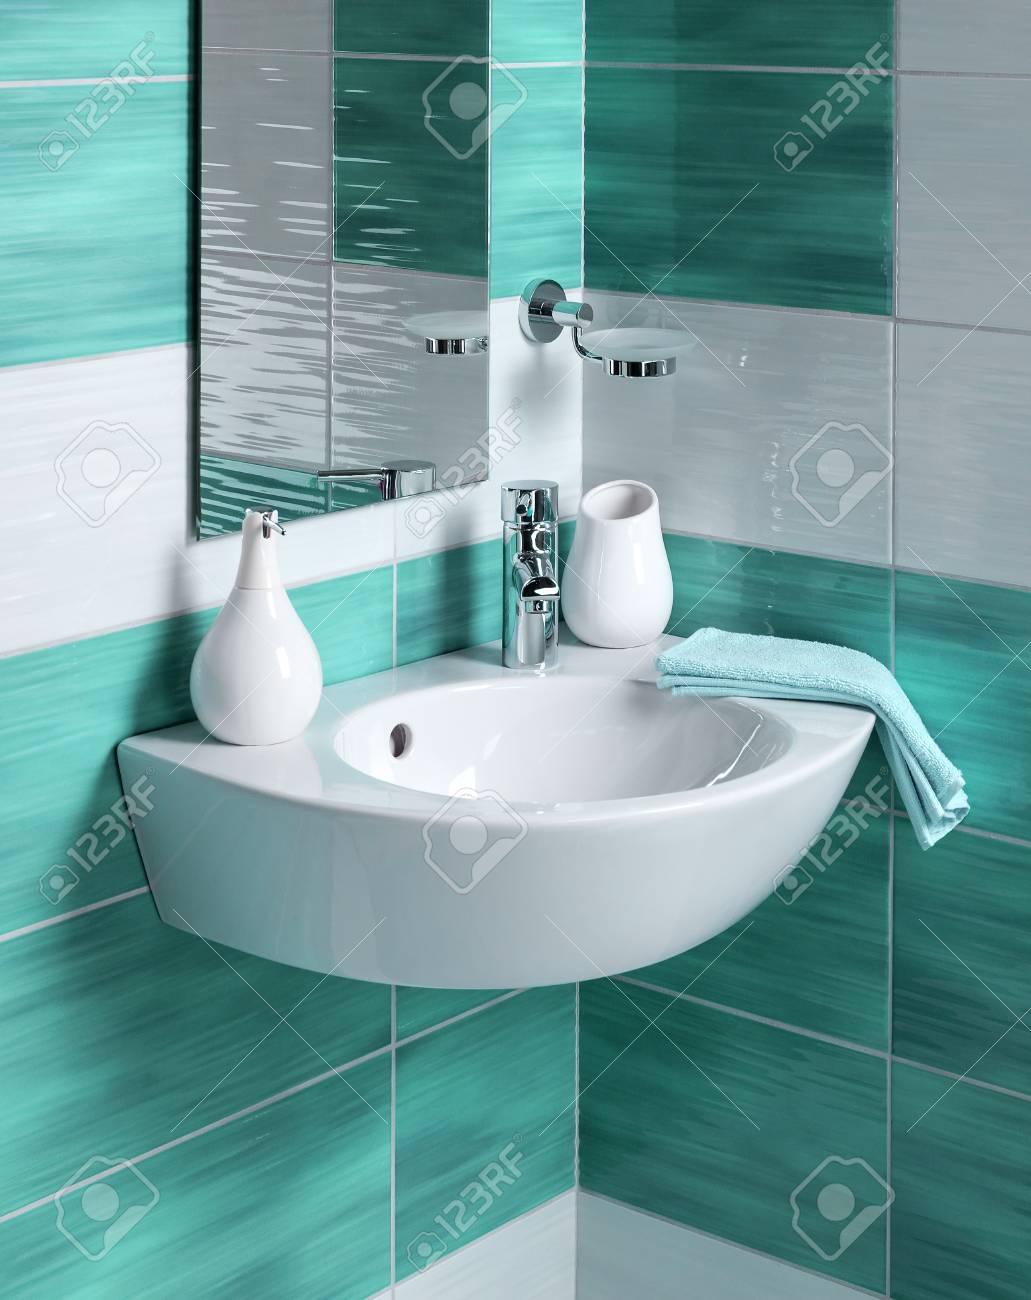 Detalle de un moderno cuarto de baño con lavabo y accesorios